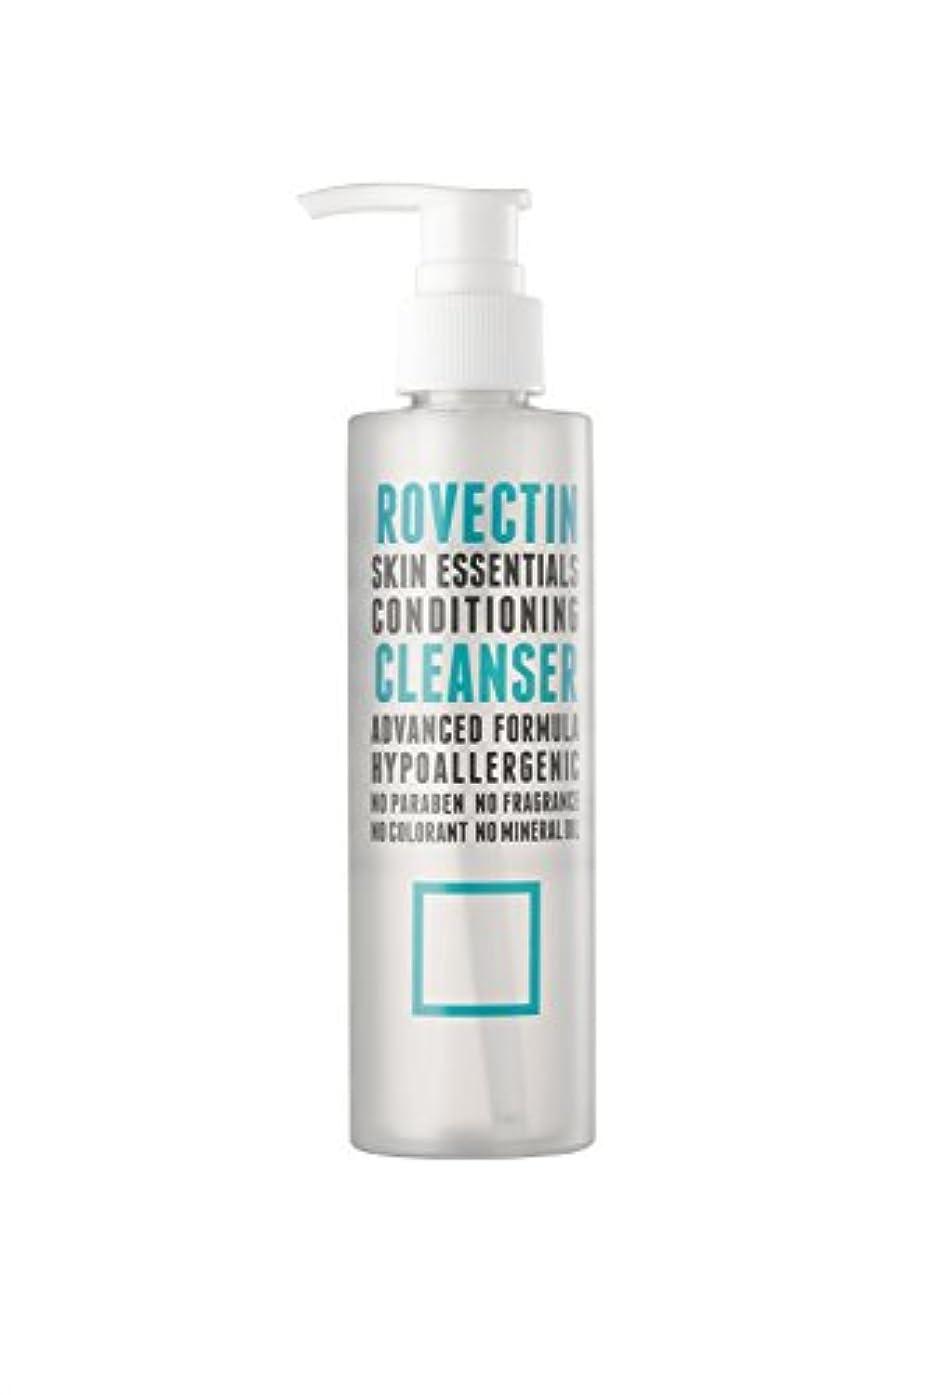 特異性クラブプリーツスキン エッセンシャルズ コンディショニング クレンザー Skin Essentials Conditioning Cleanser 175ml [並行輸入品]